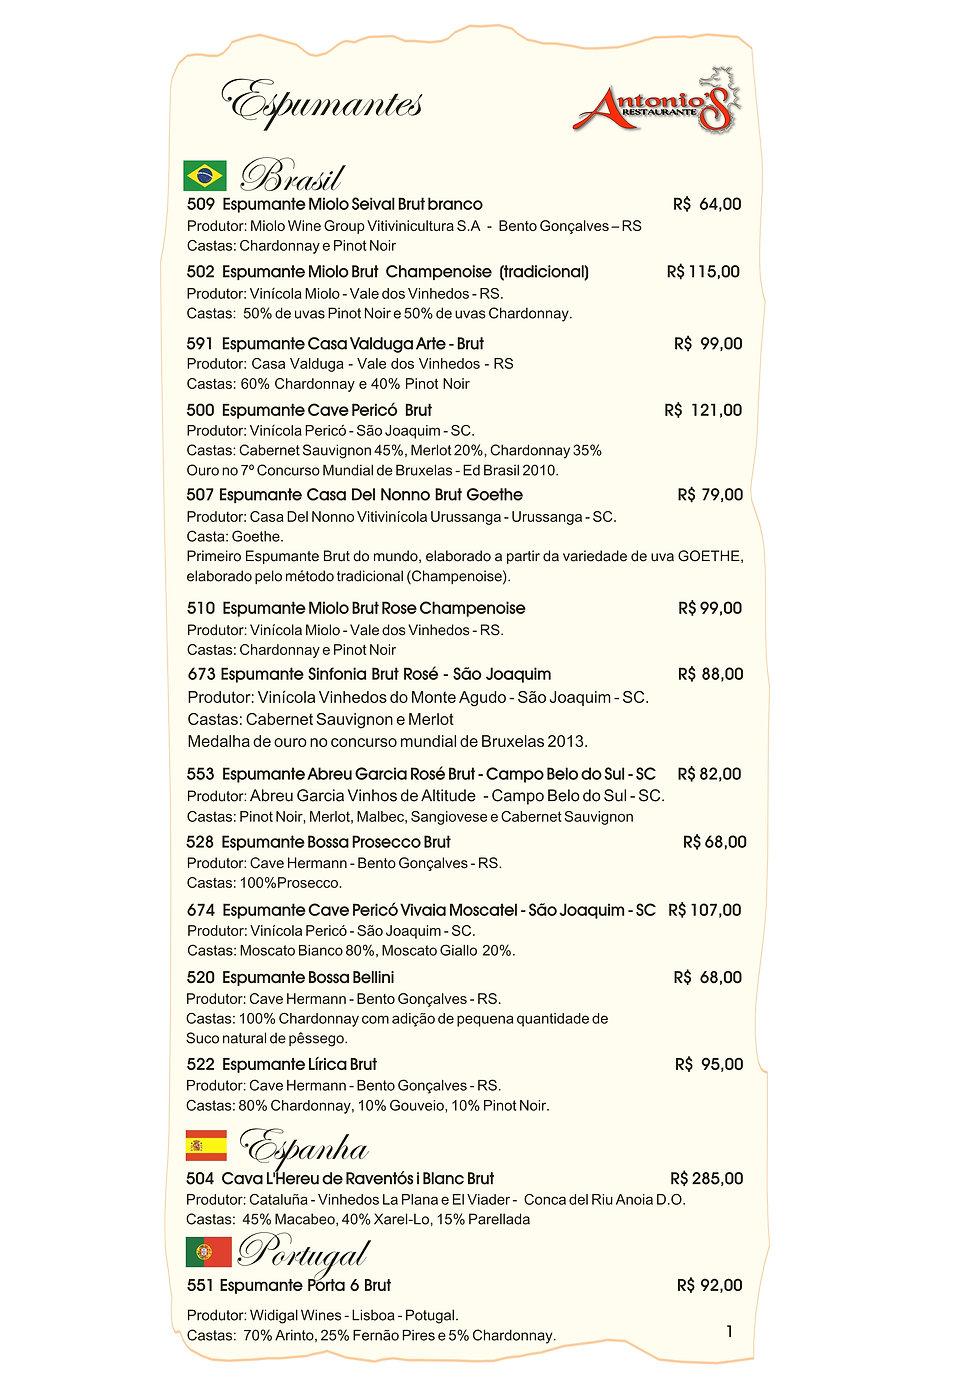 Carta de vinhos-PG-1.JPG